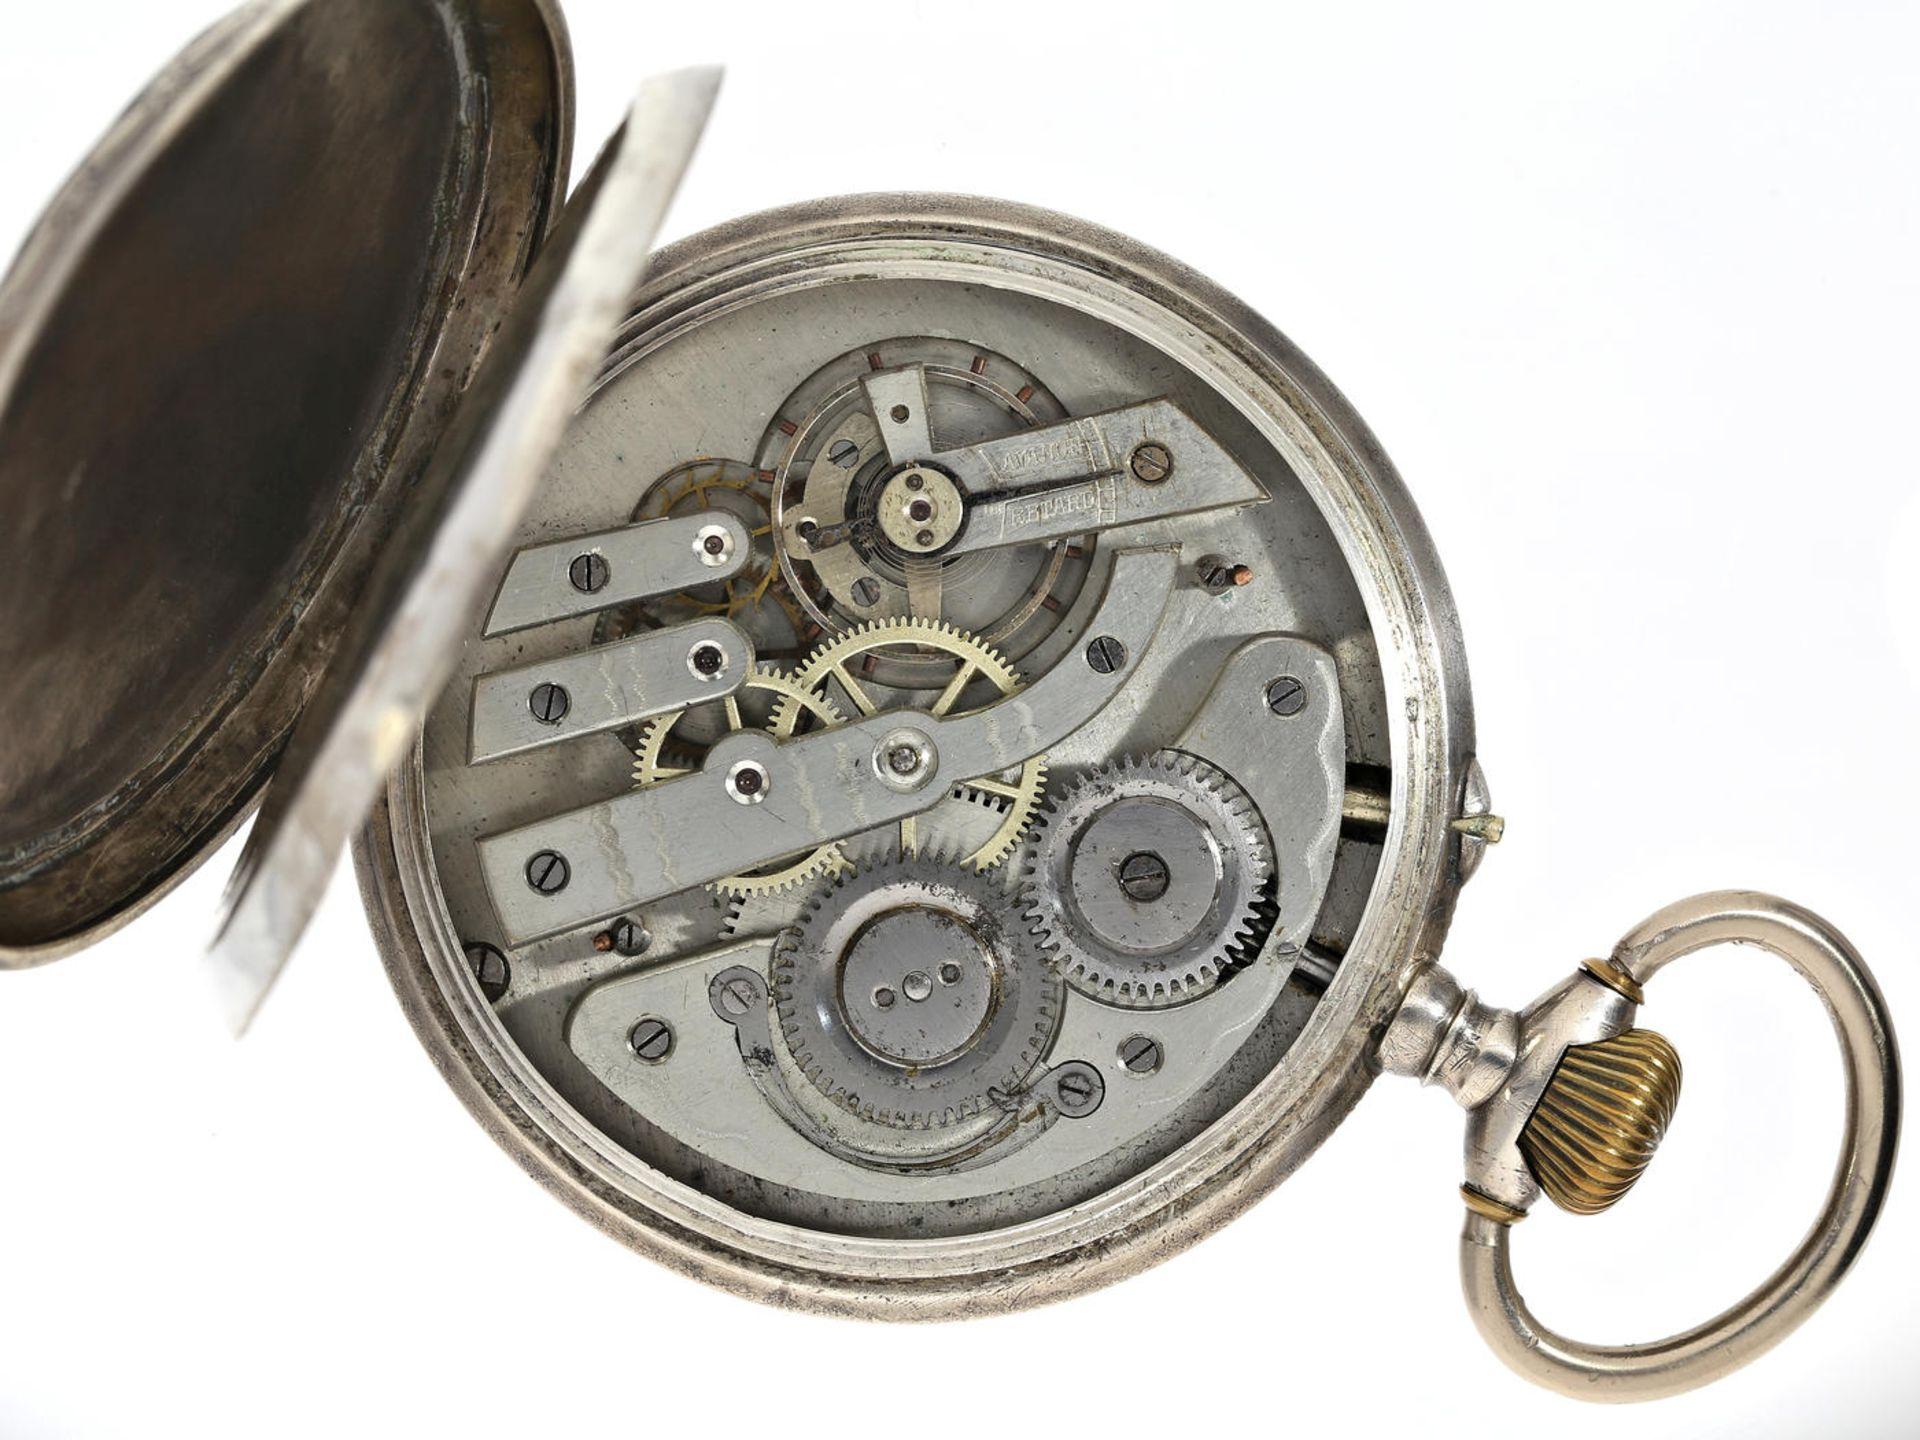 """Taschenuhr: übergroße, silberne Taschenuhr mit dekorativem Kartuschenzifferblatt, Typ """"Regulateur - Bild 2 aus 5"""